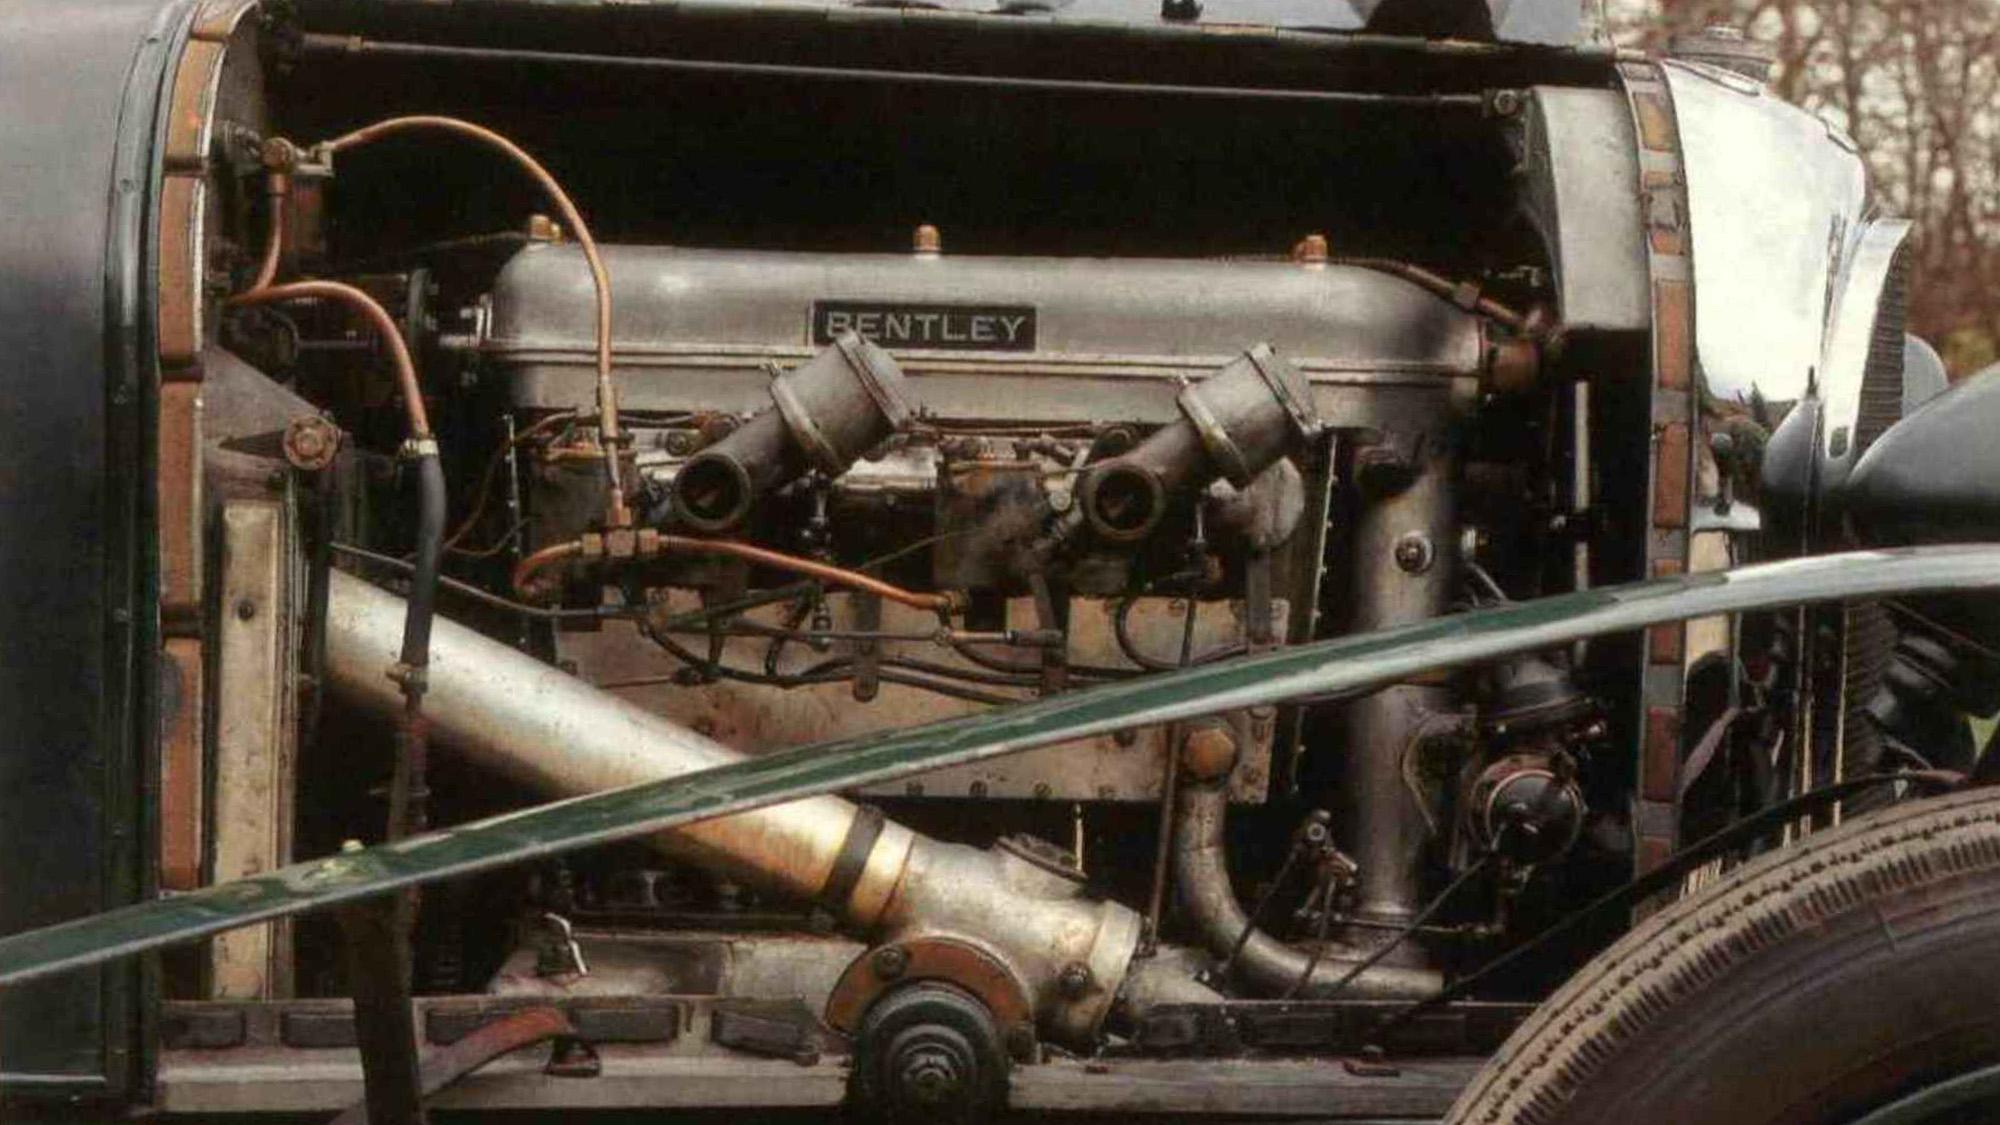 Bentley 3-litre engine